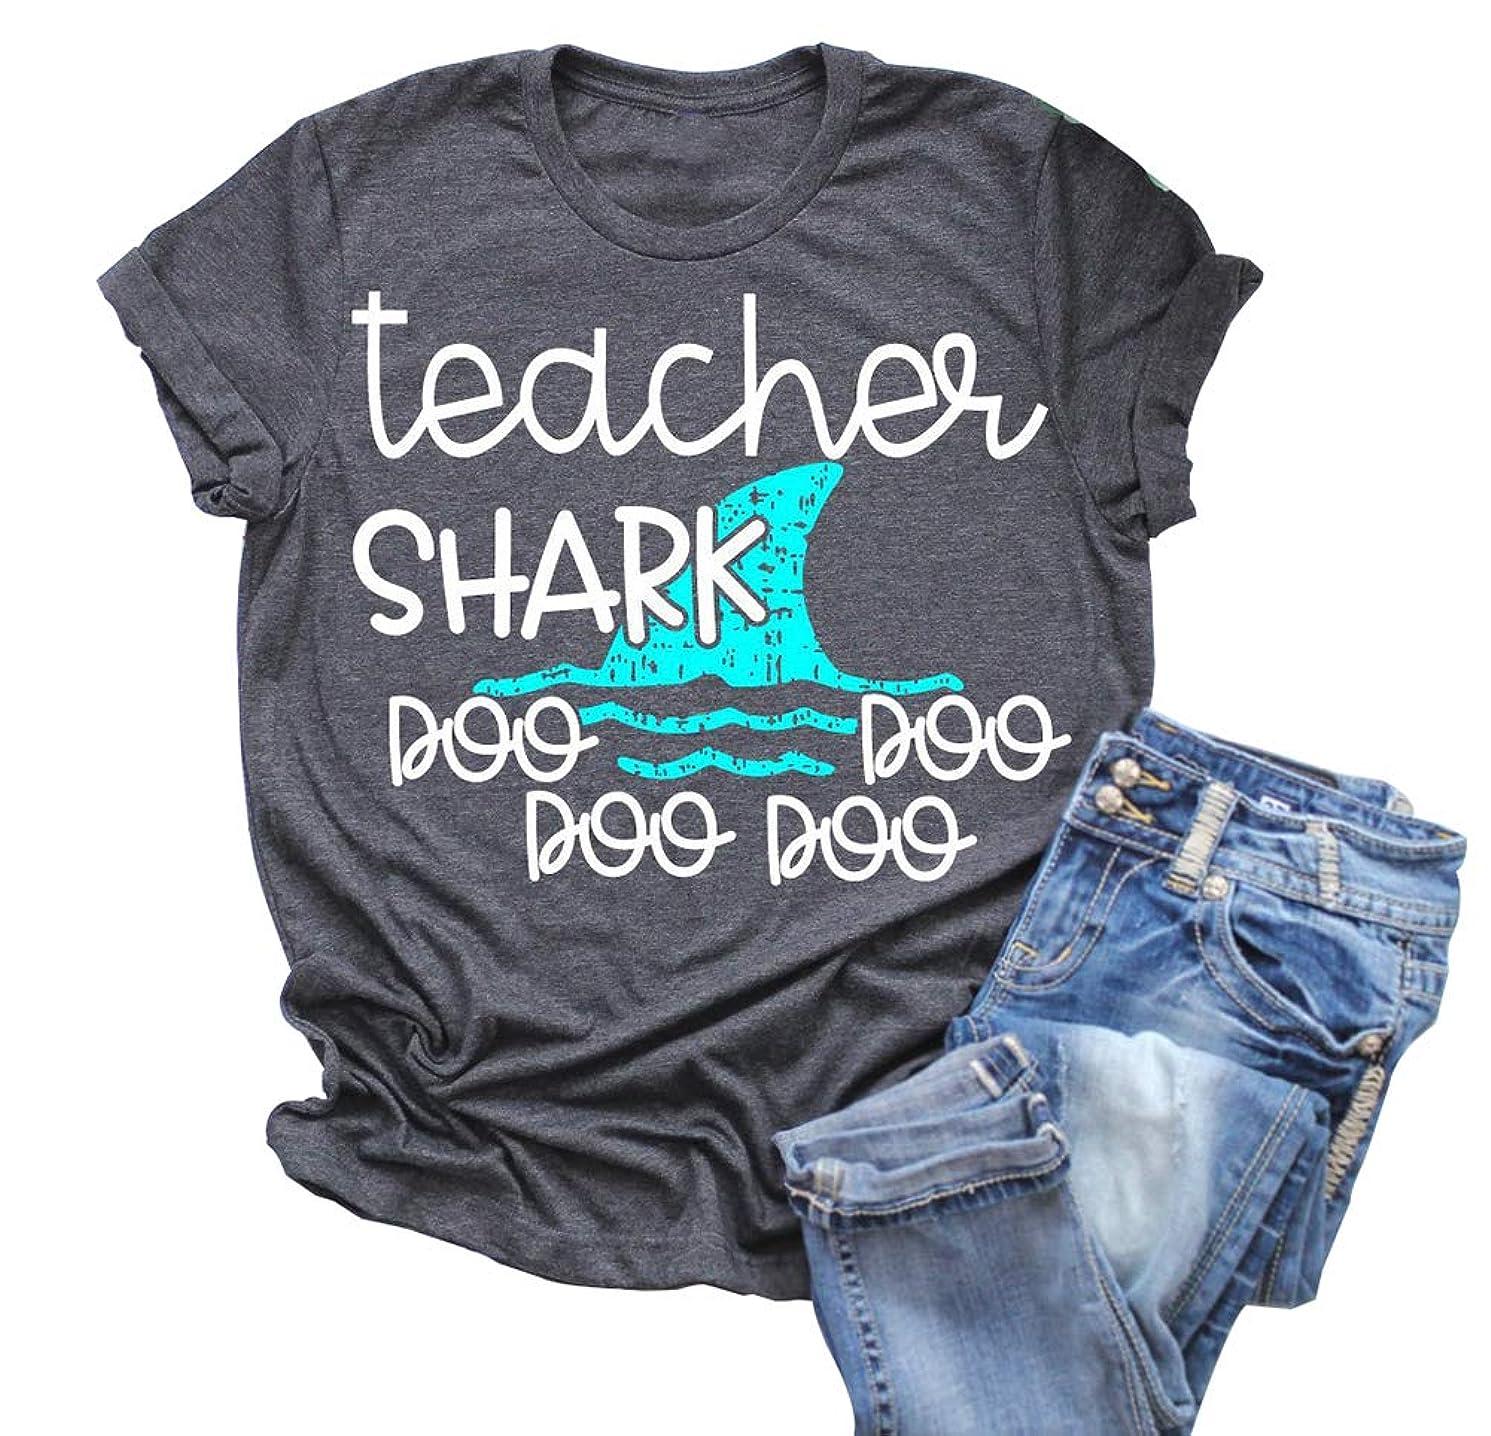 Teacher Shark doo doo Shirt Cute Graphics Short Sleeve O Neck Blouse Womens Tops